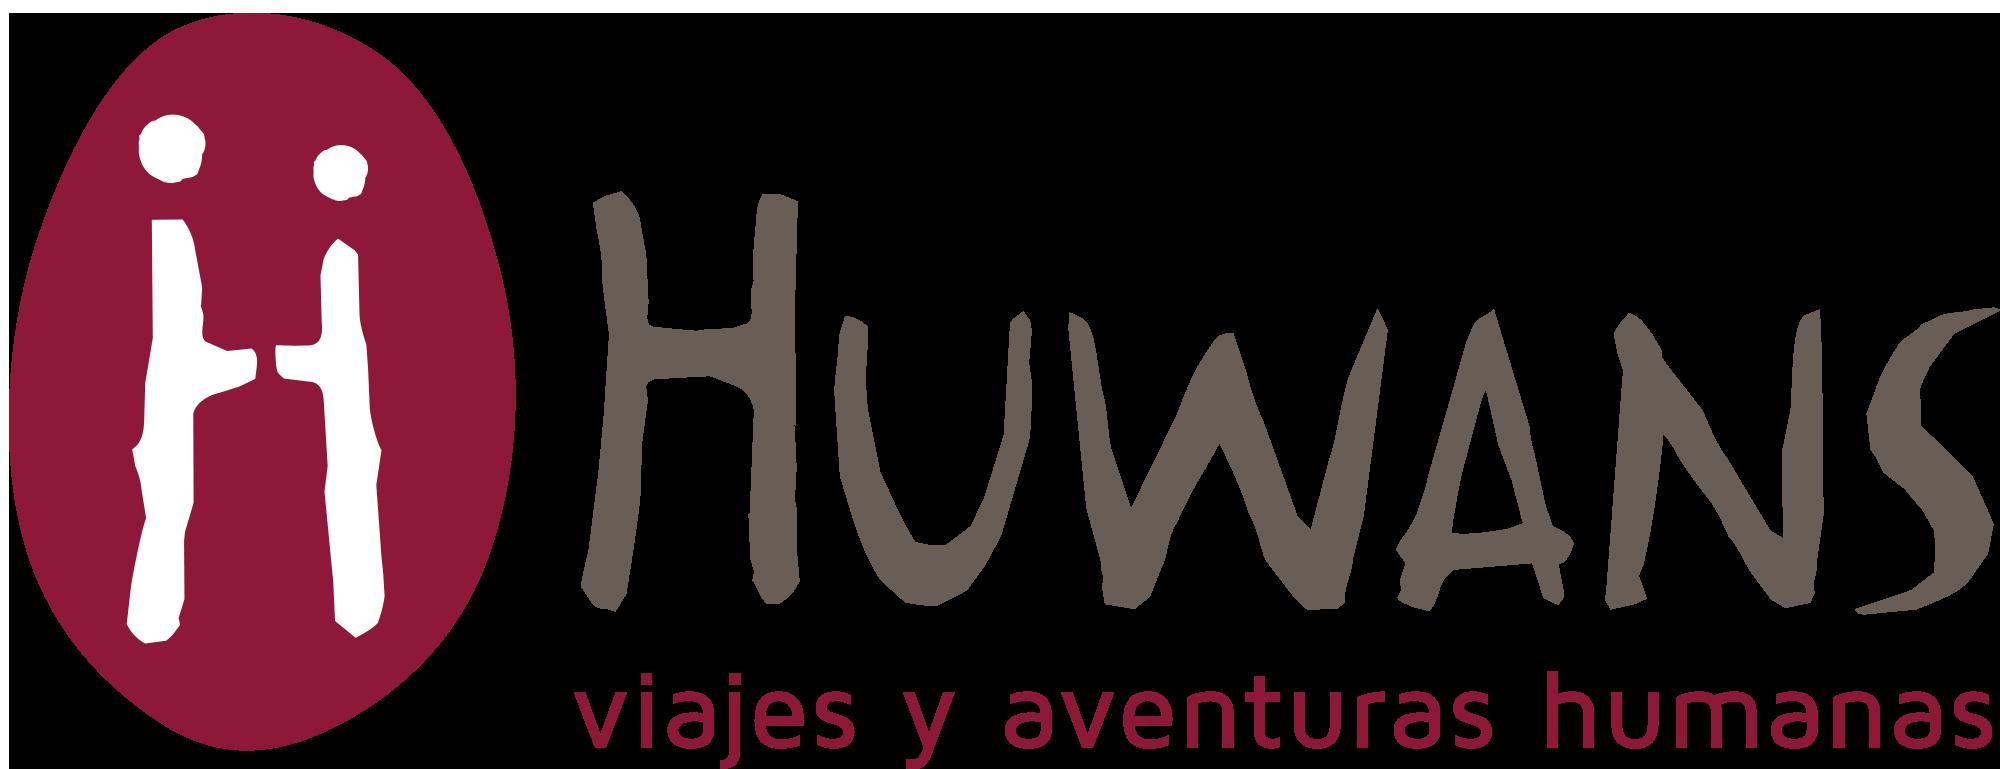 Huwans